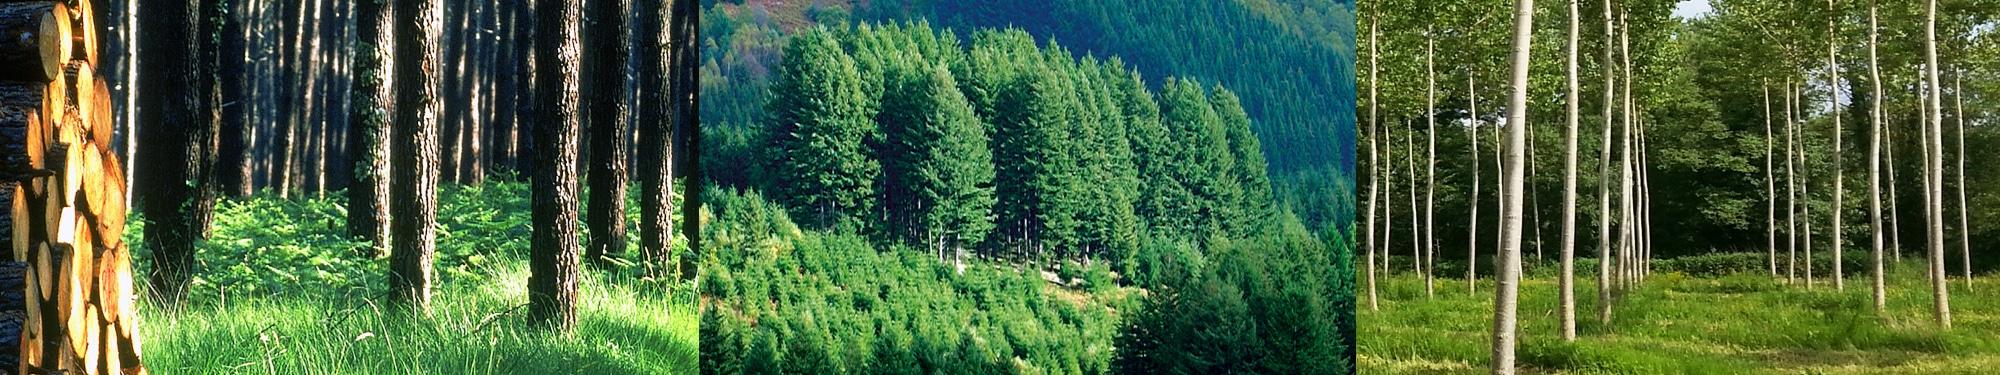 Alliance For u00eats Bois Nos essences # Fiscalité Bois Et Forêts